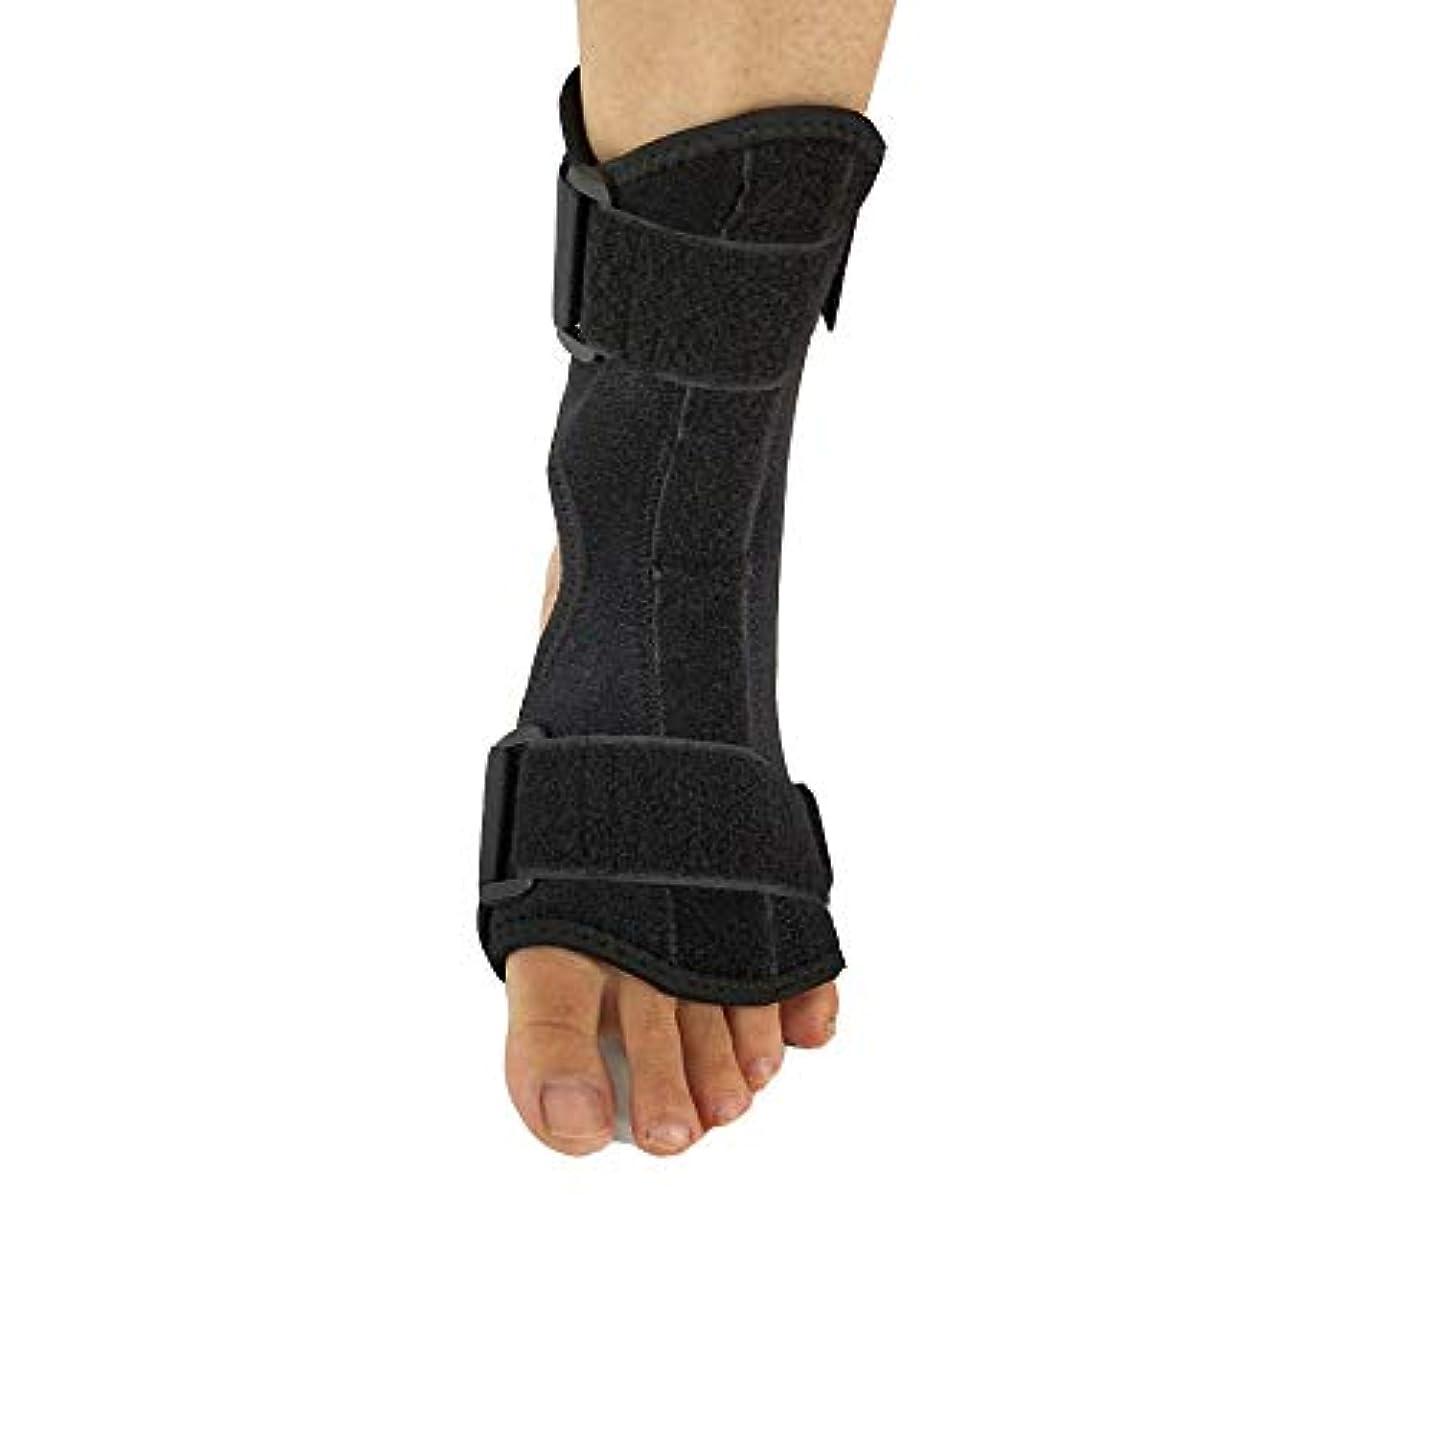 サンダー空洞症状足首安定器、足首ブレース、足首サポート、スプリントサポート足首矯正装具ブレース、捻rainサポート、緊張、関節炎